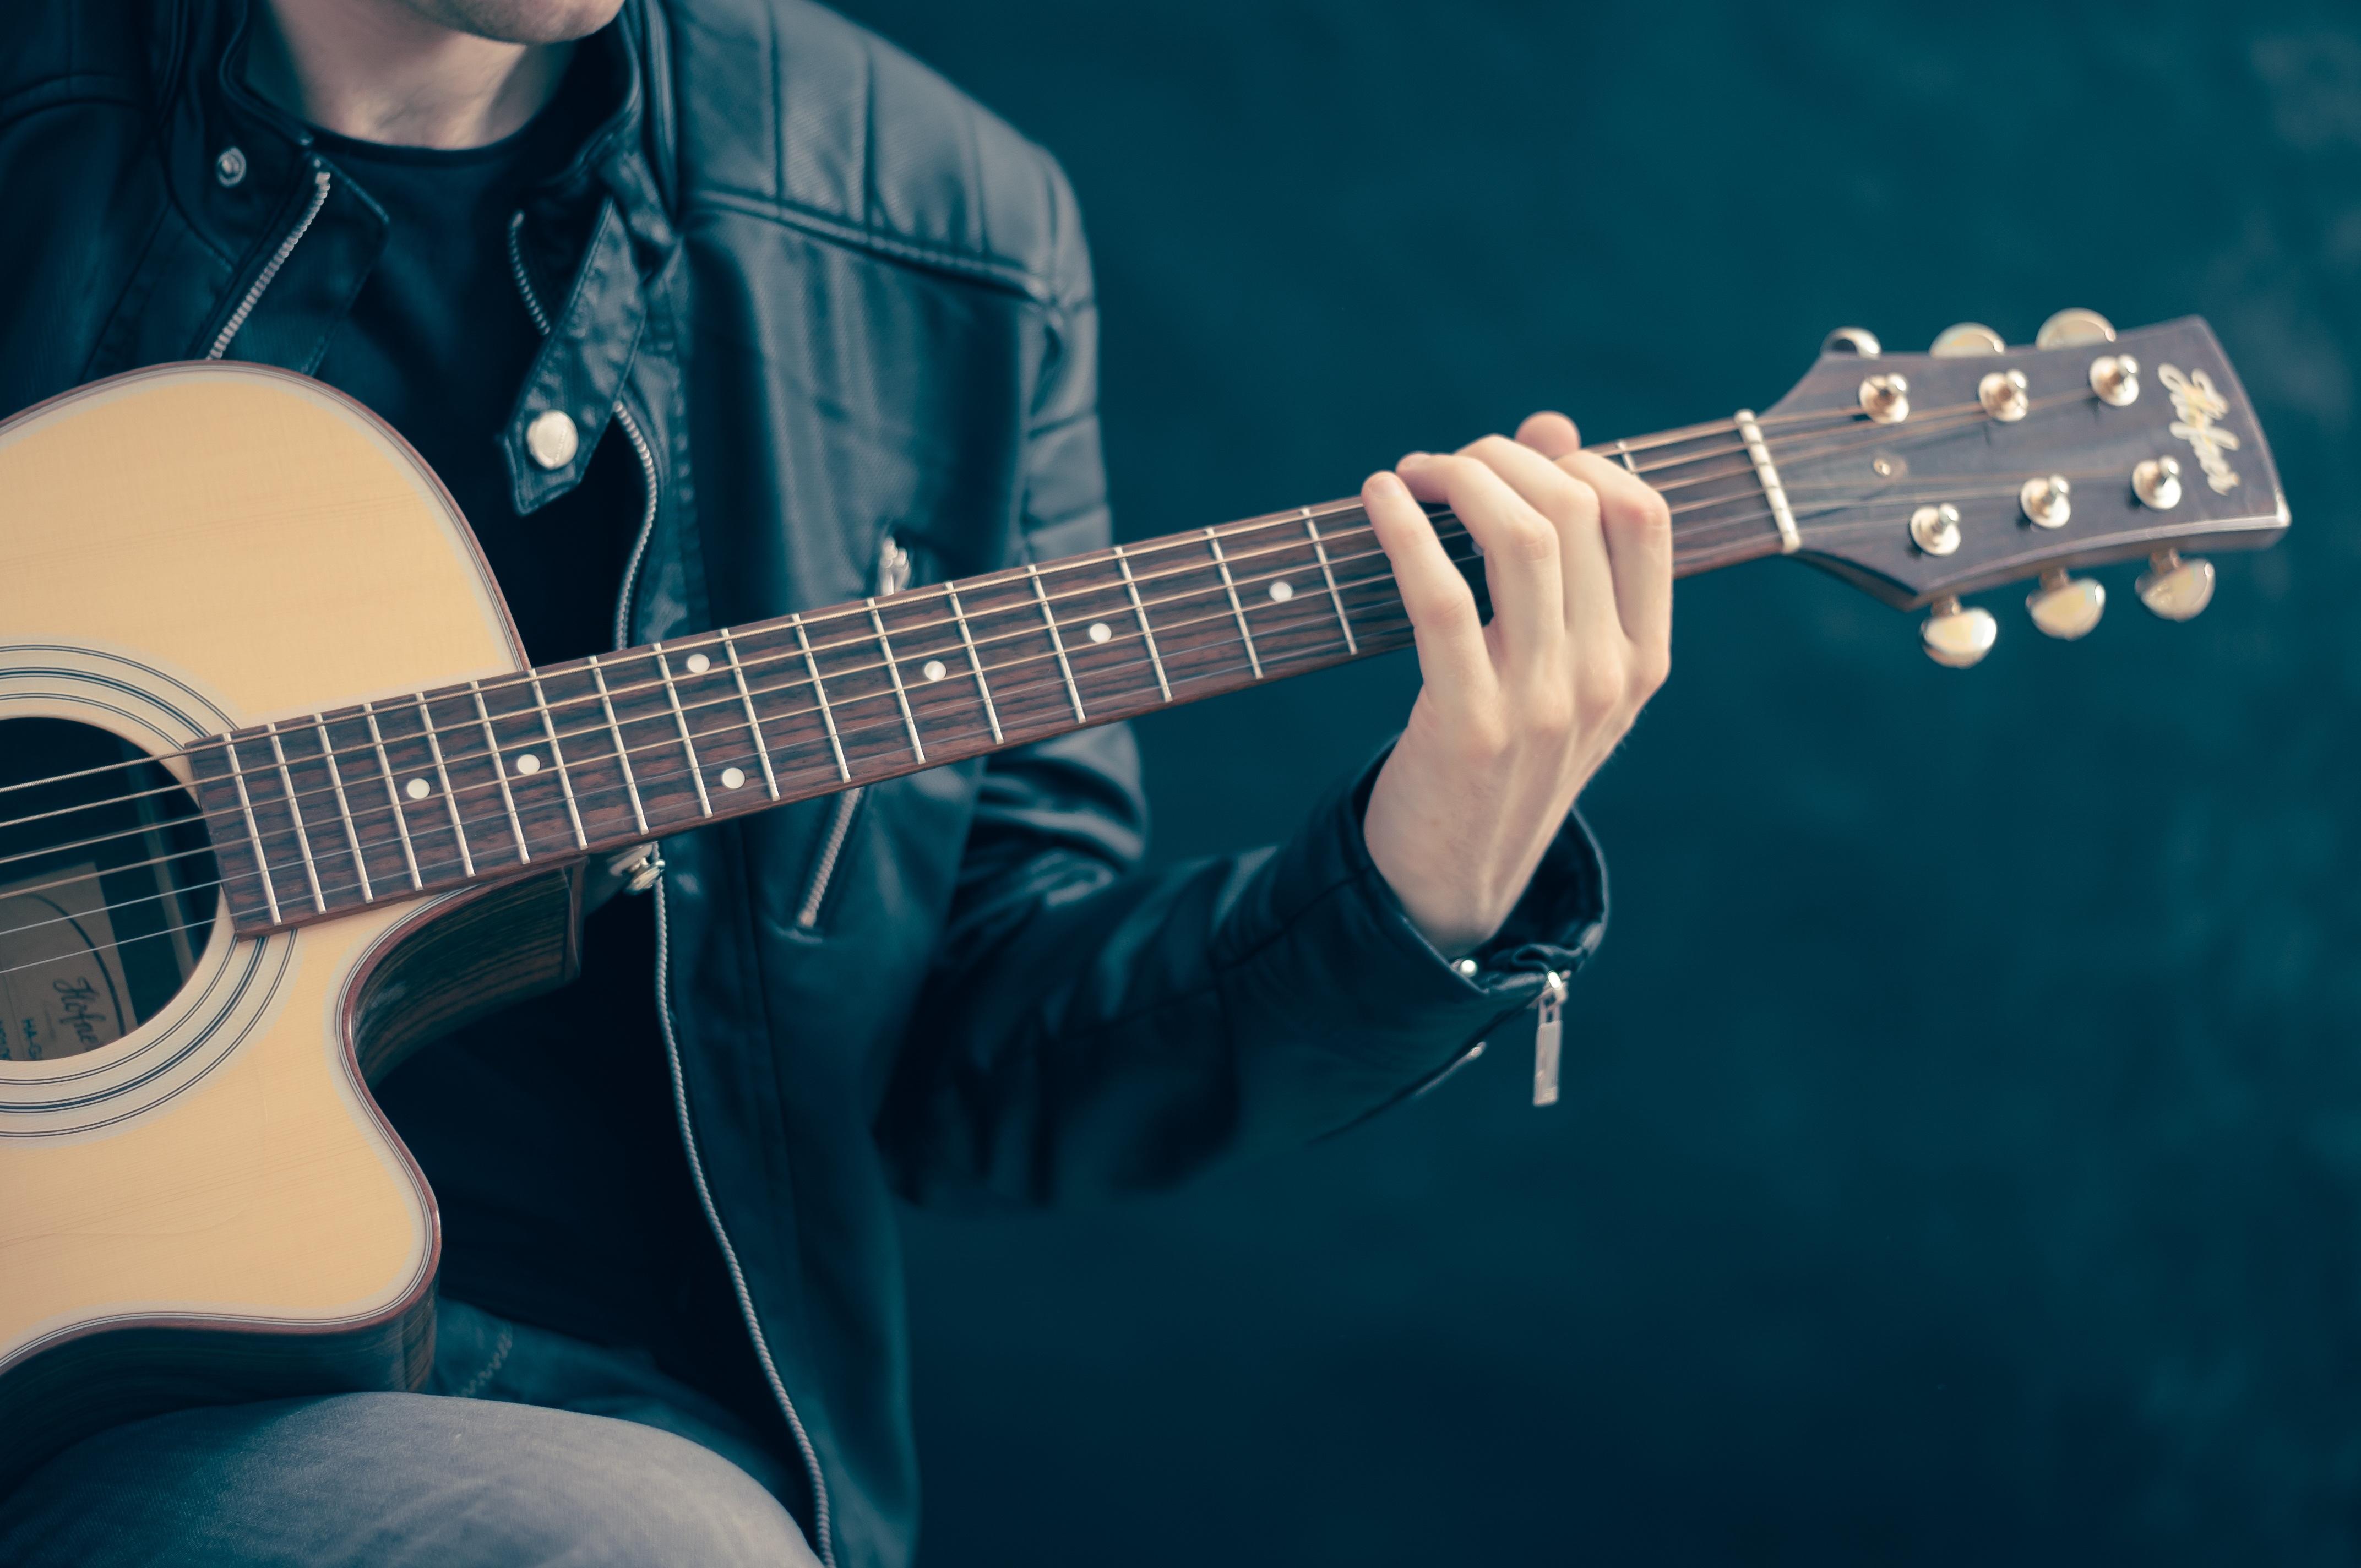 guitar-756326